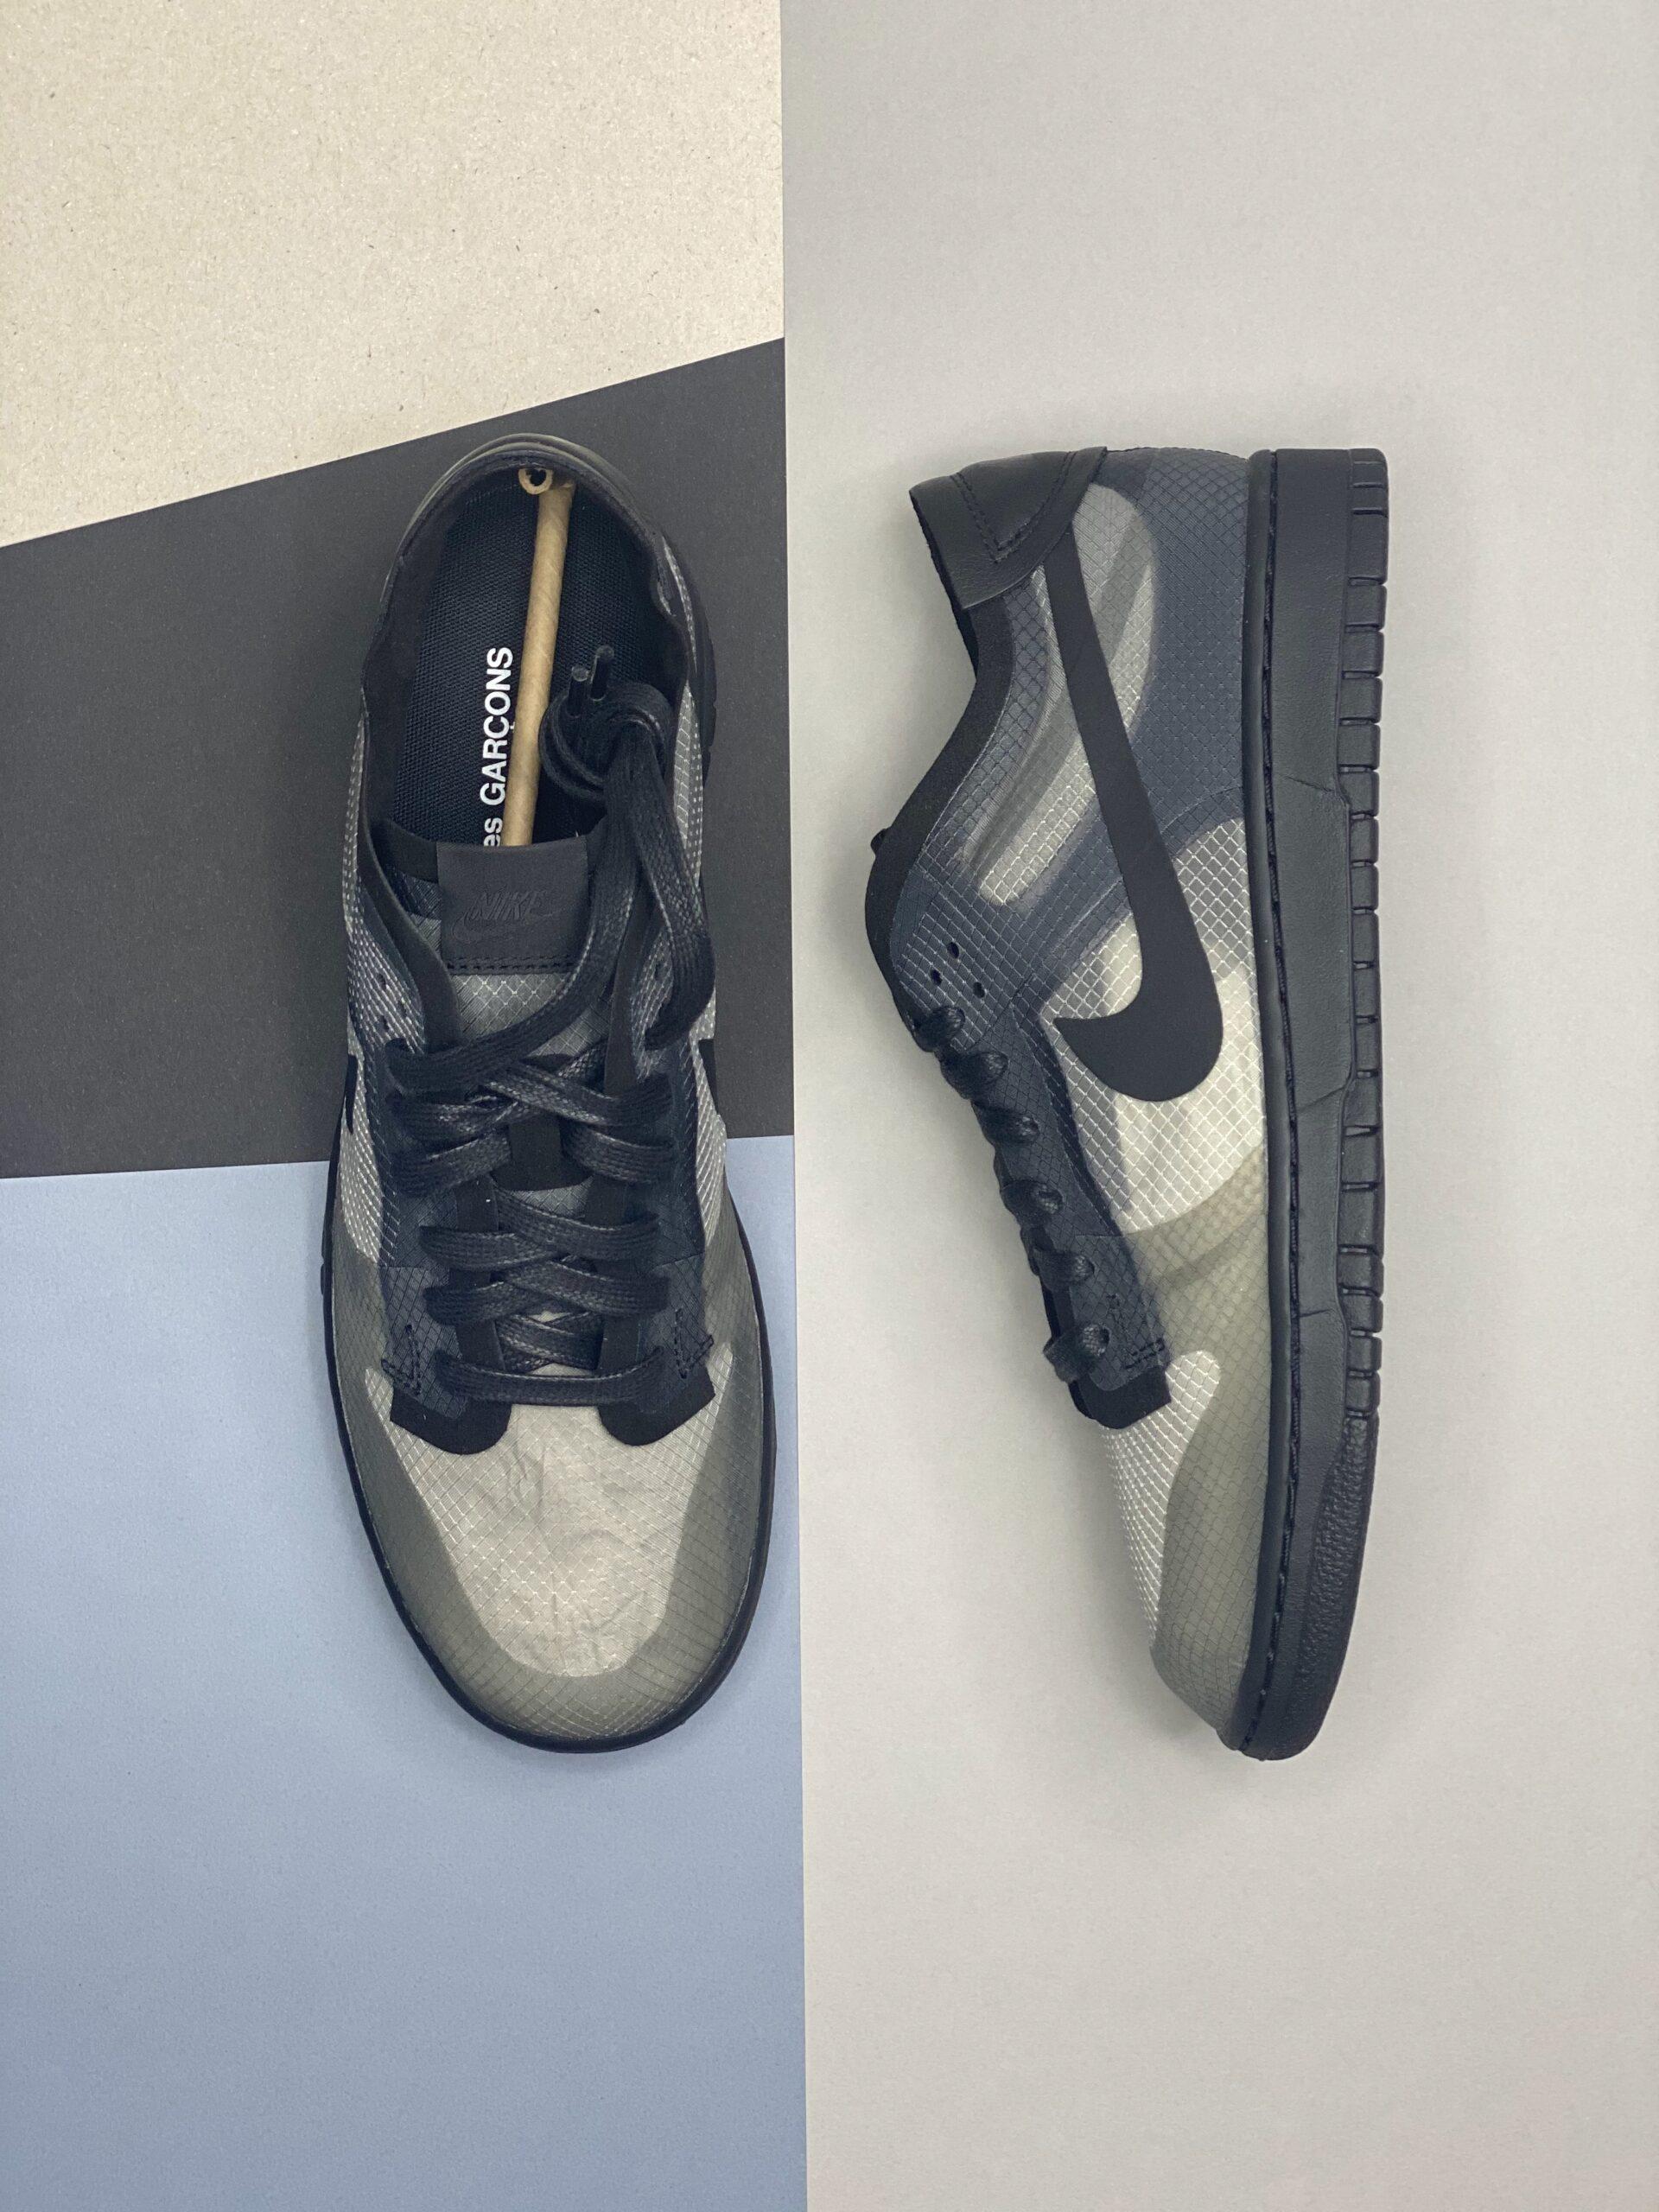 Nike x CDG